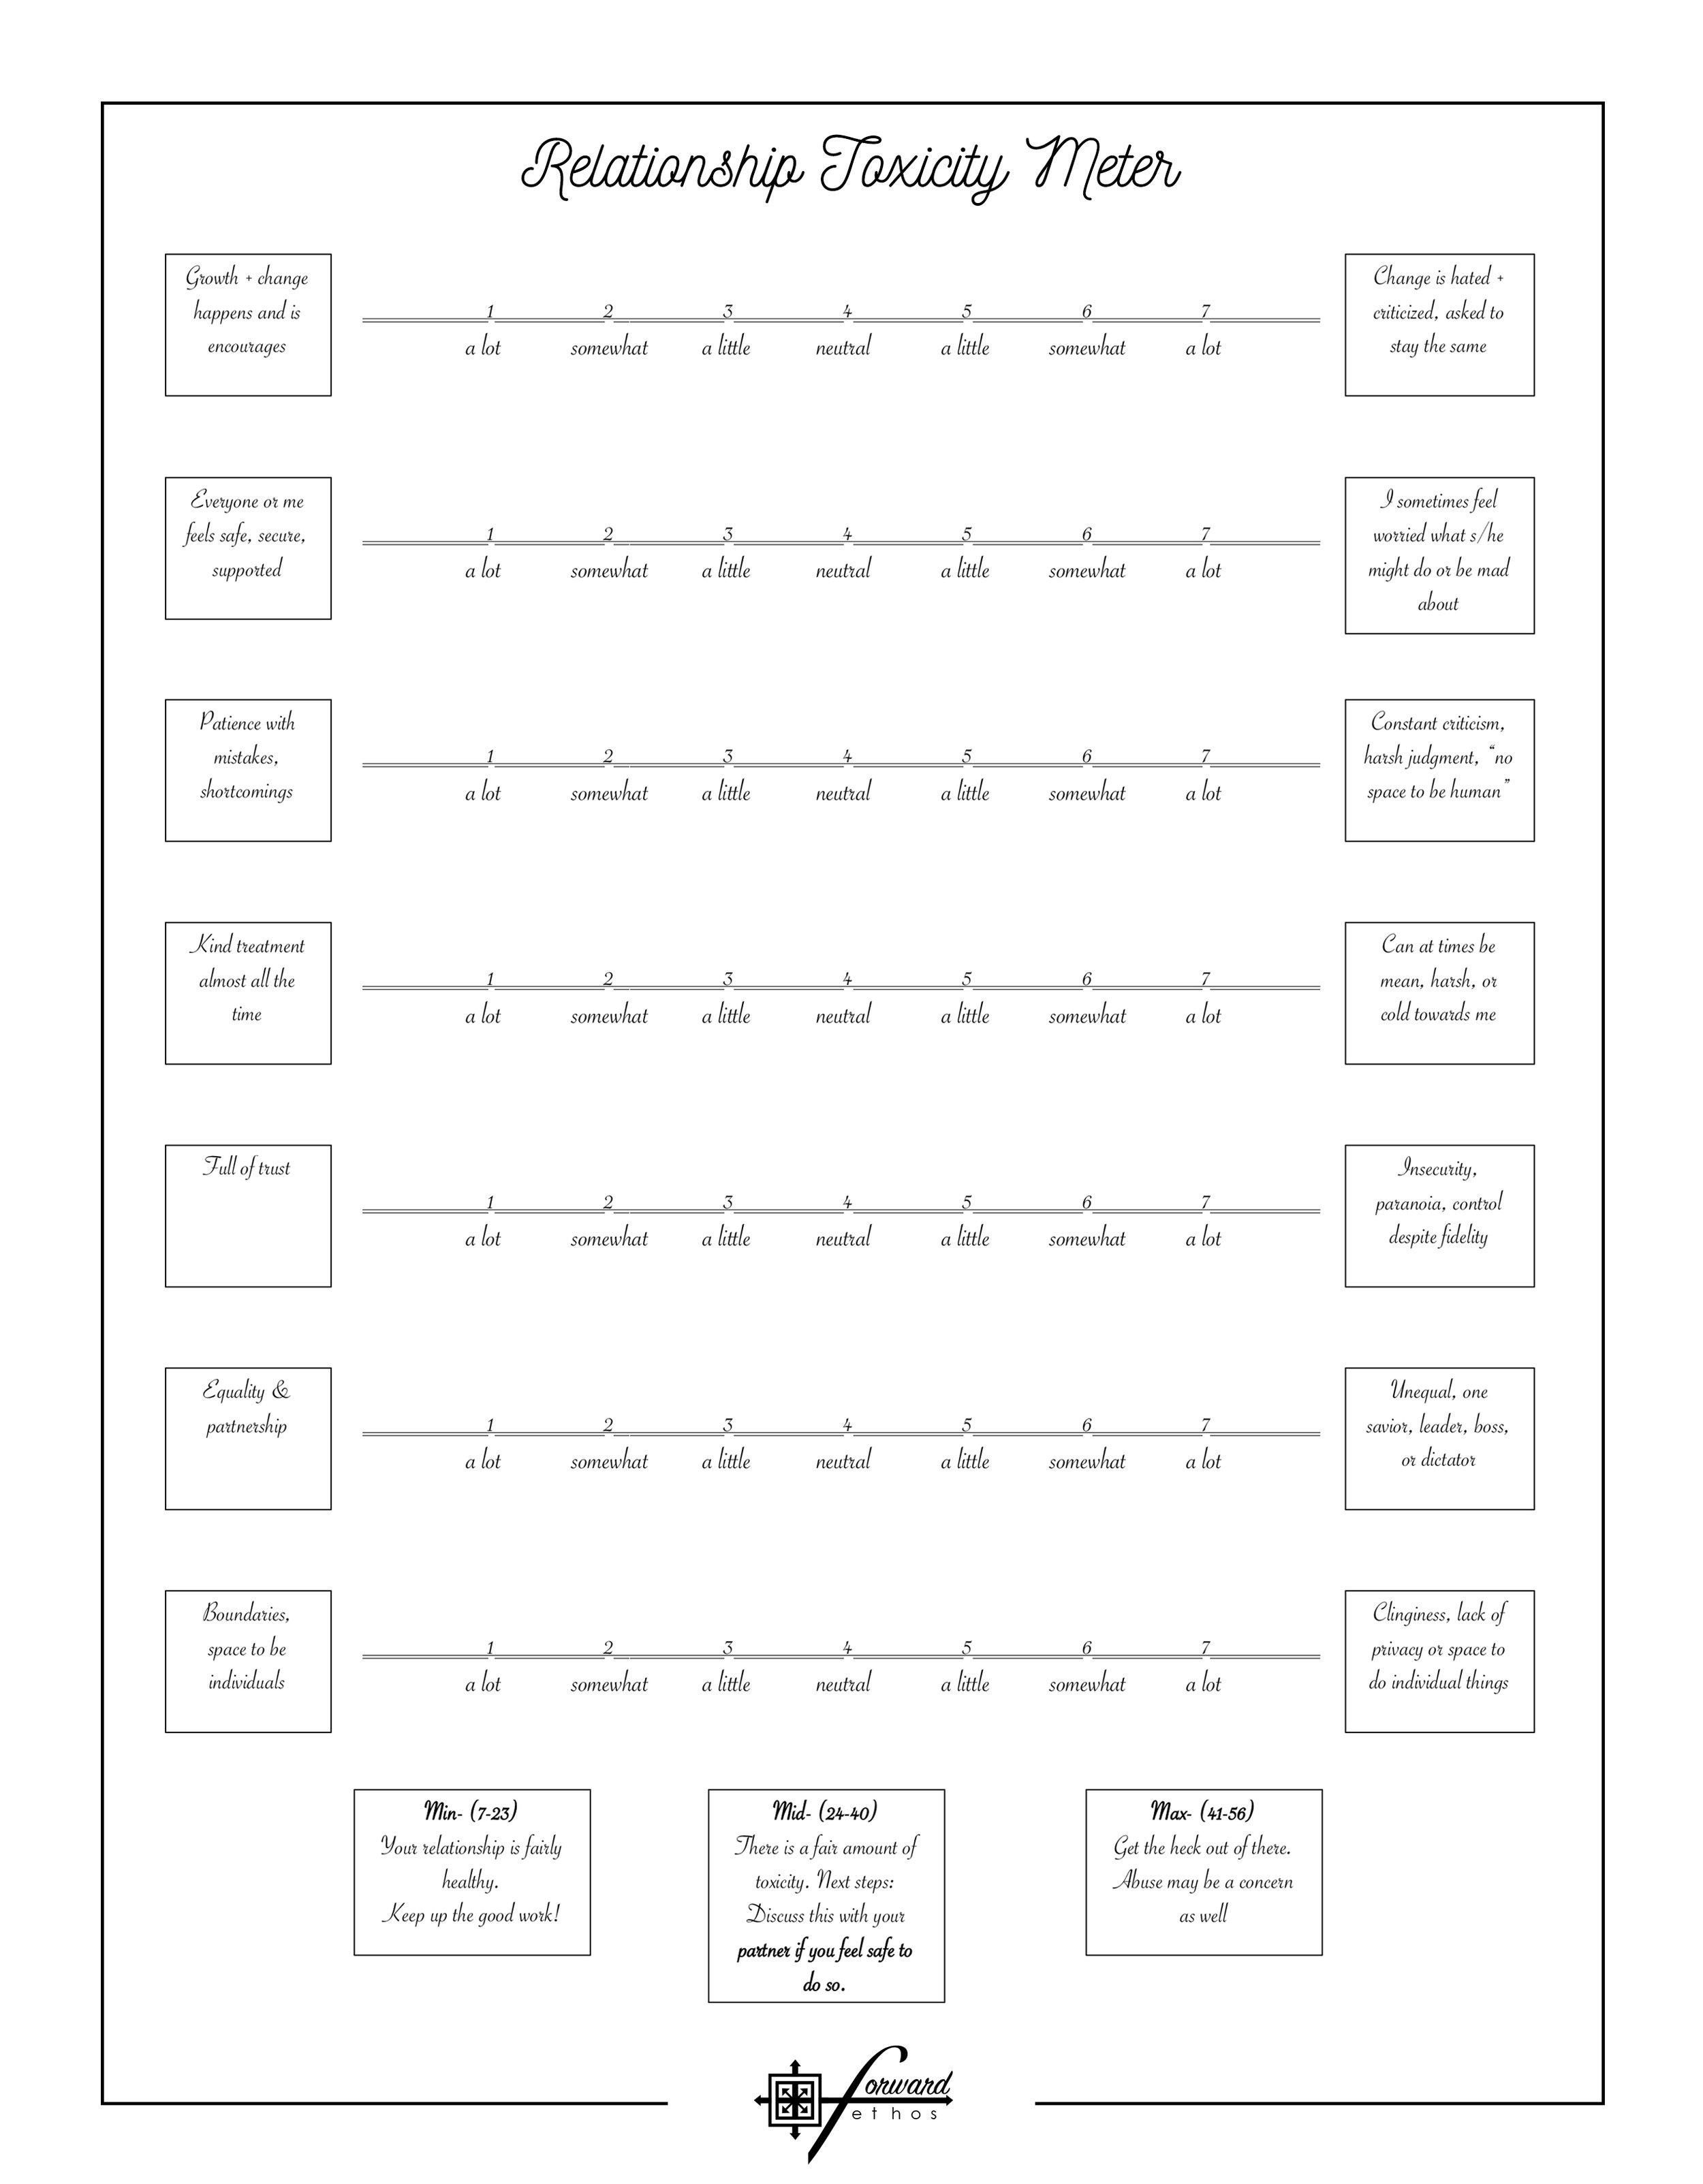 Worksheet 02-1.jpg